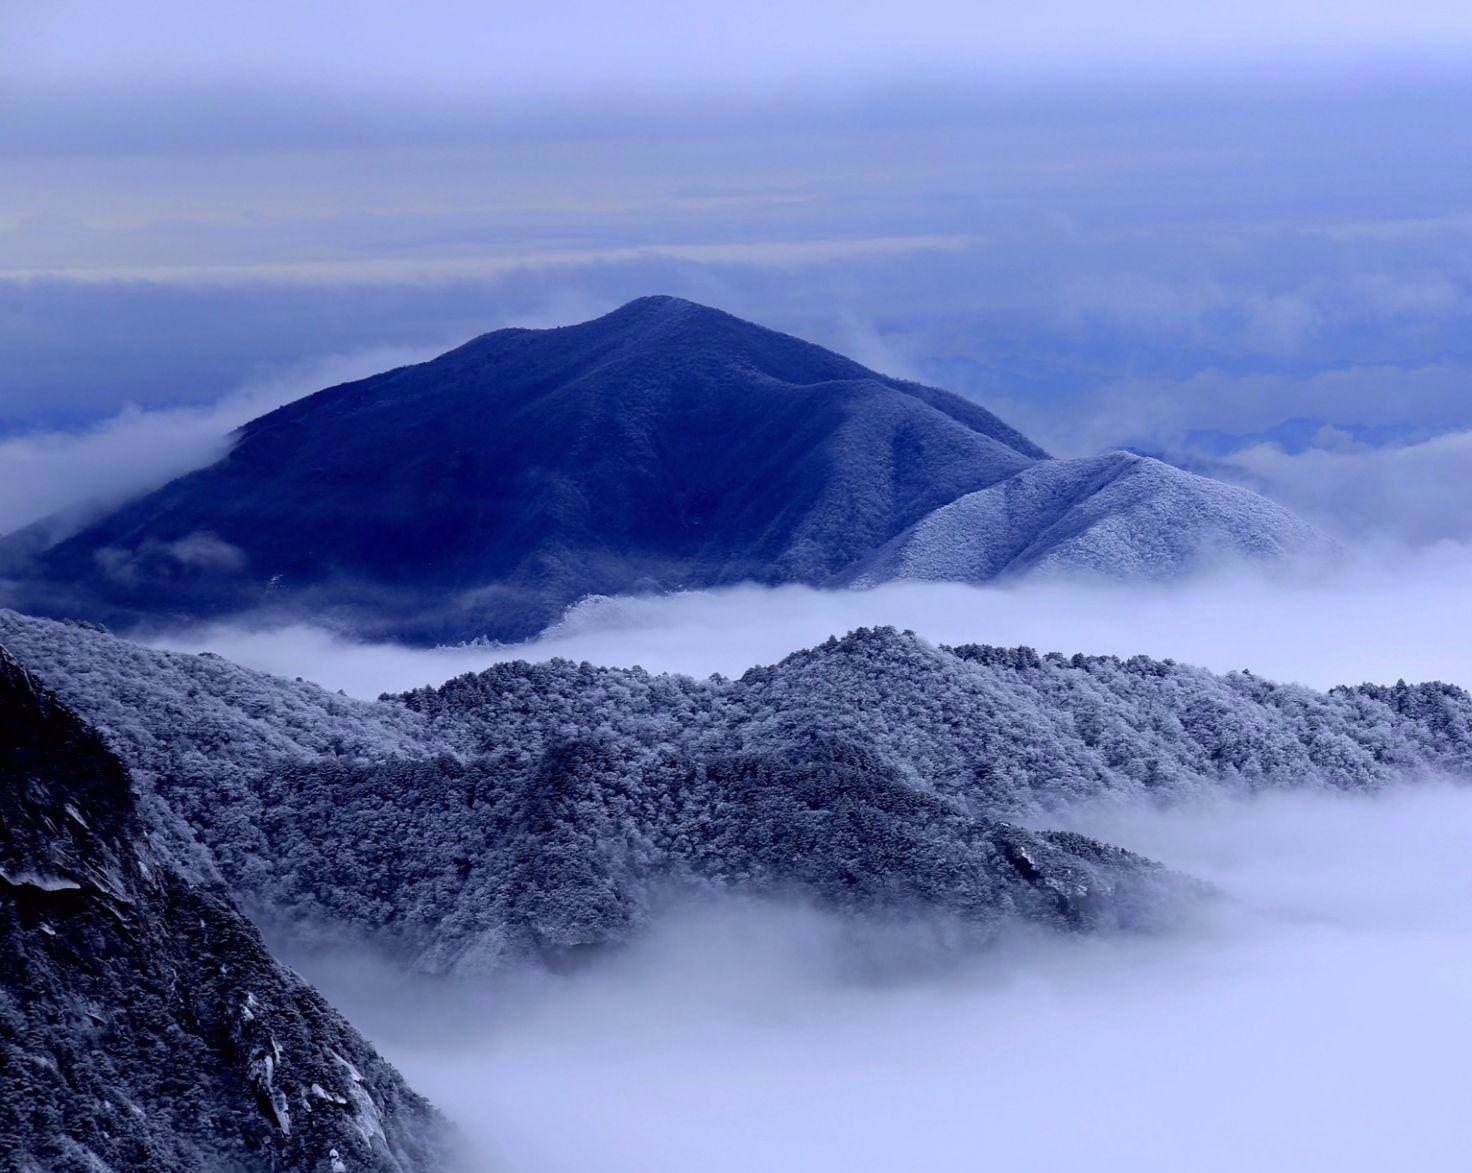 黄山风景区迎来2020年首场降雪